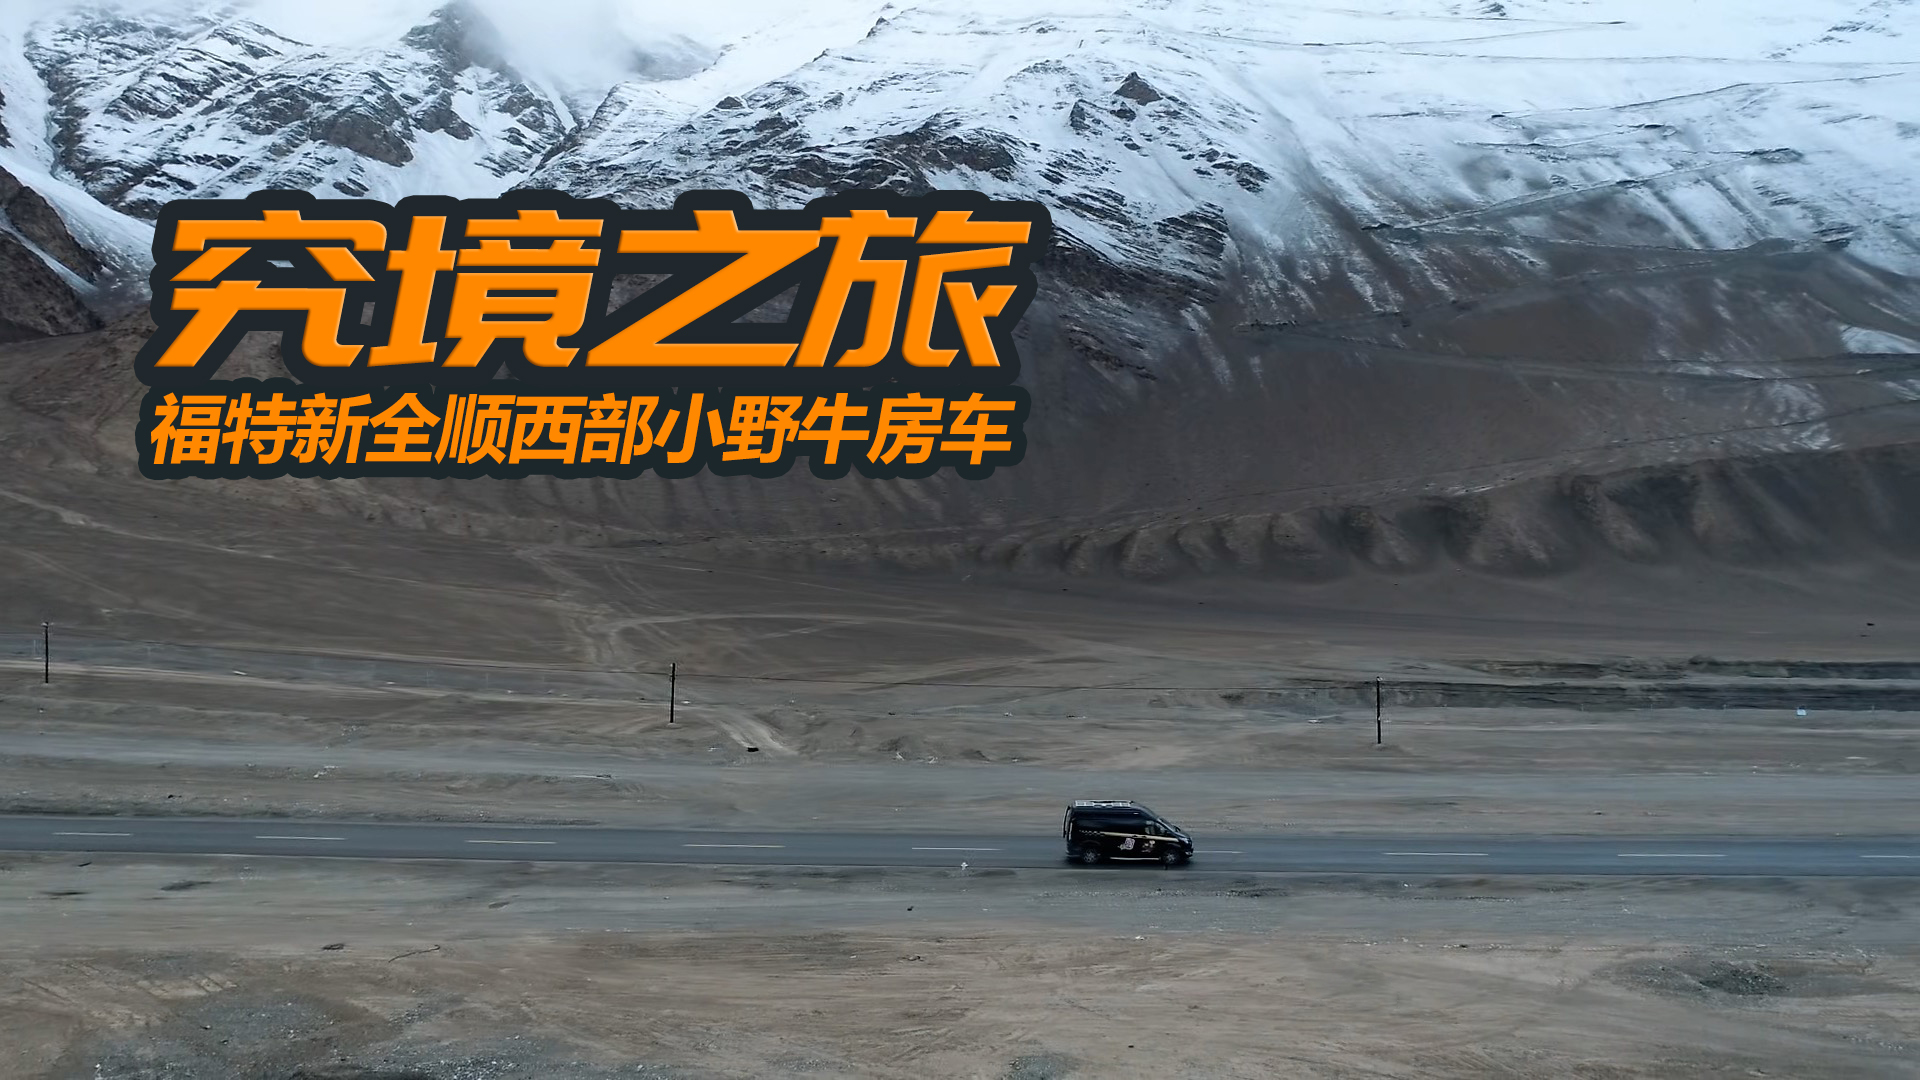 究境之旅-福特新全顺西部小野牛房车